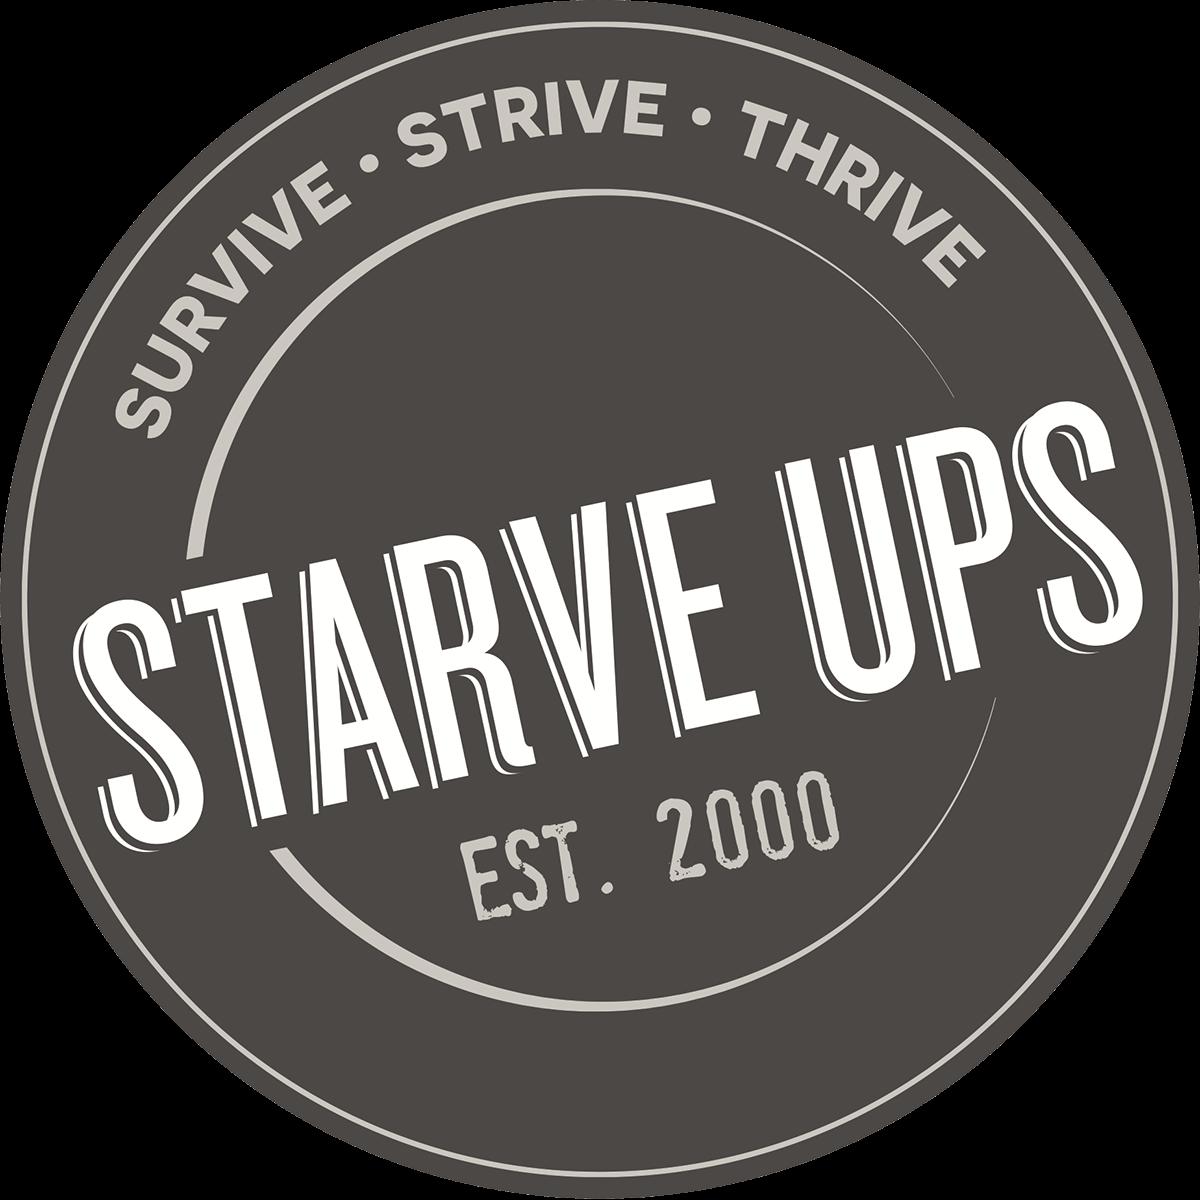 StarveUps logo